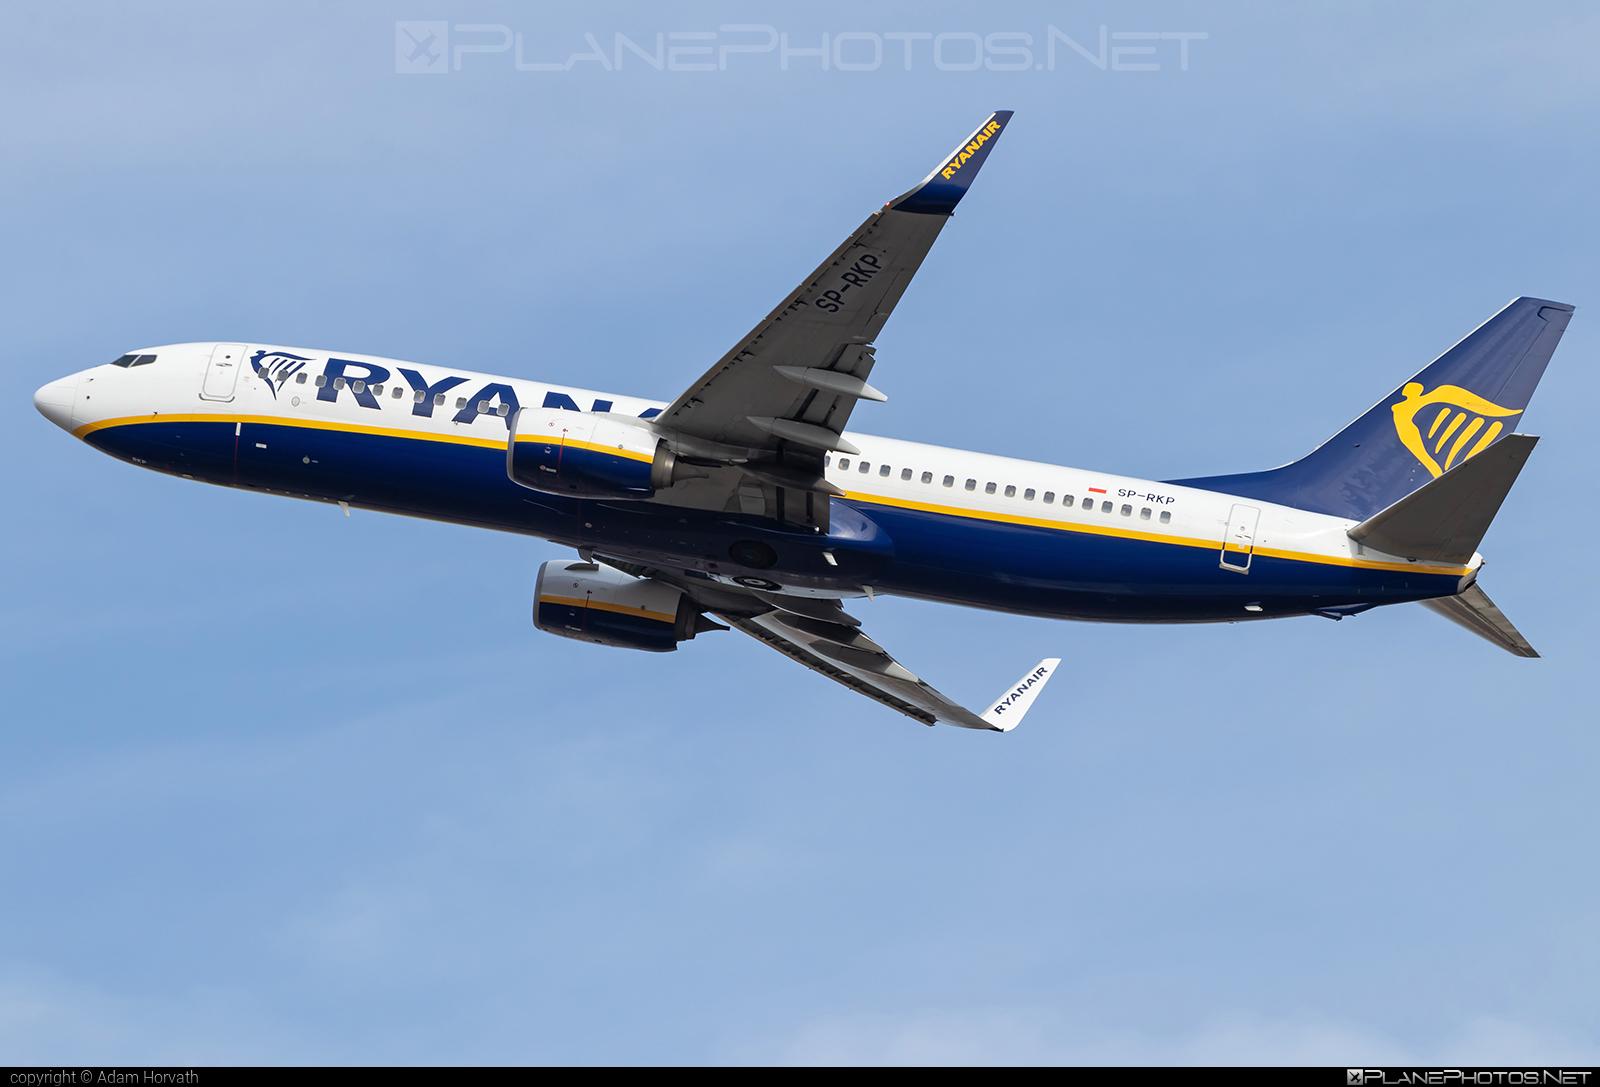 Boeing 737-800 - SP-RKP operated by Ryanair Sun #b737 #b737nextgen #b737ng #boeing #boeing737 #ryanair #ryanairsun